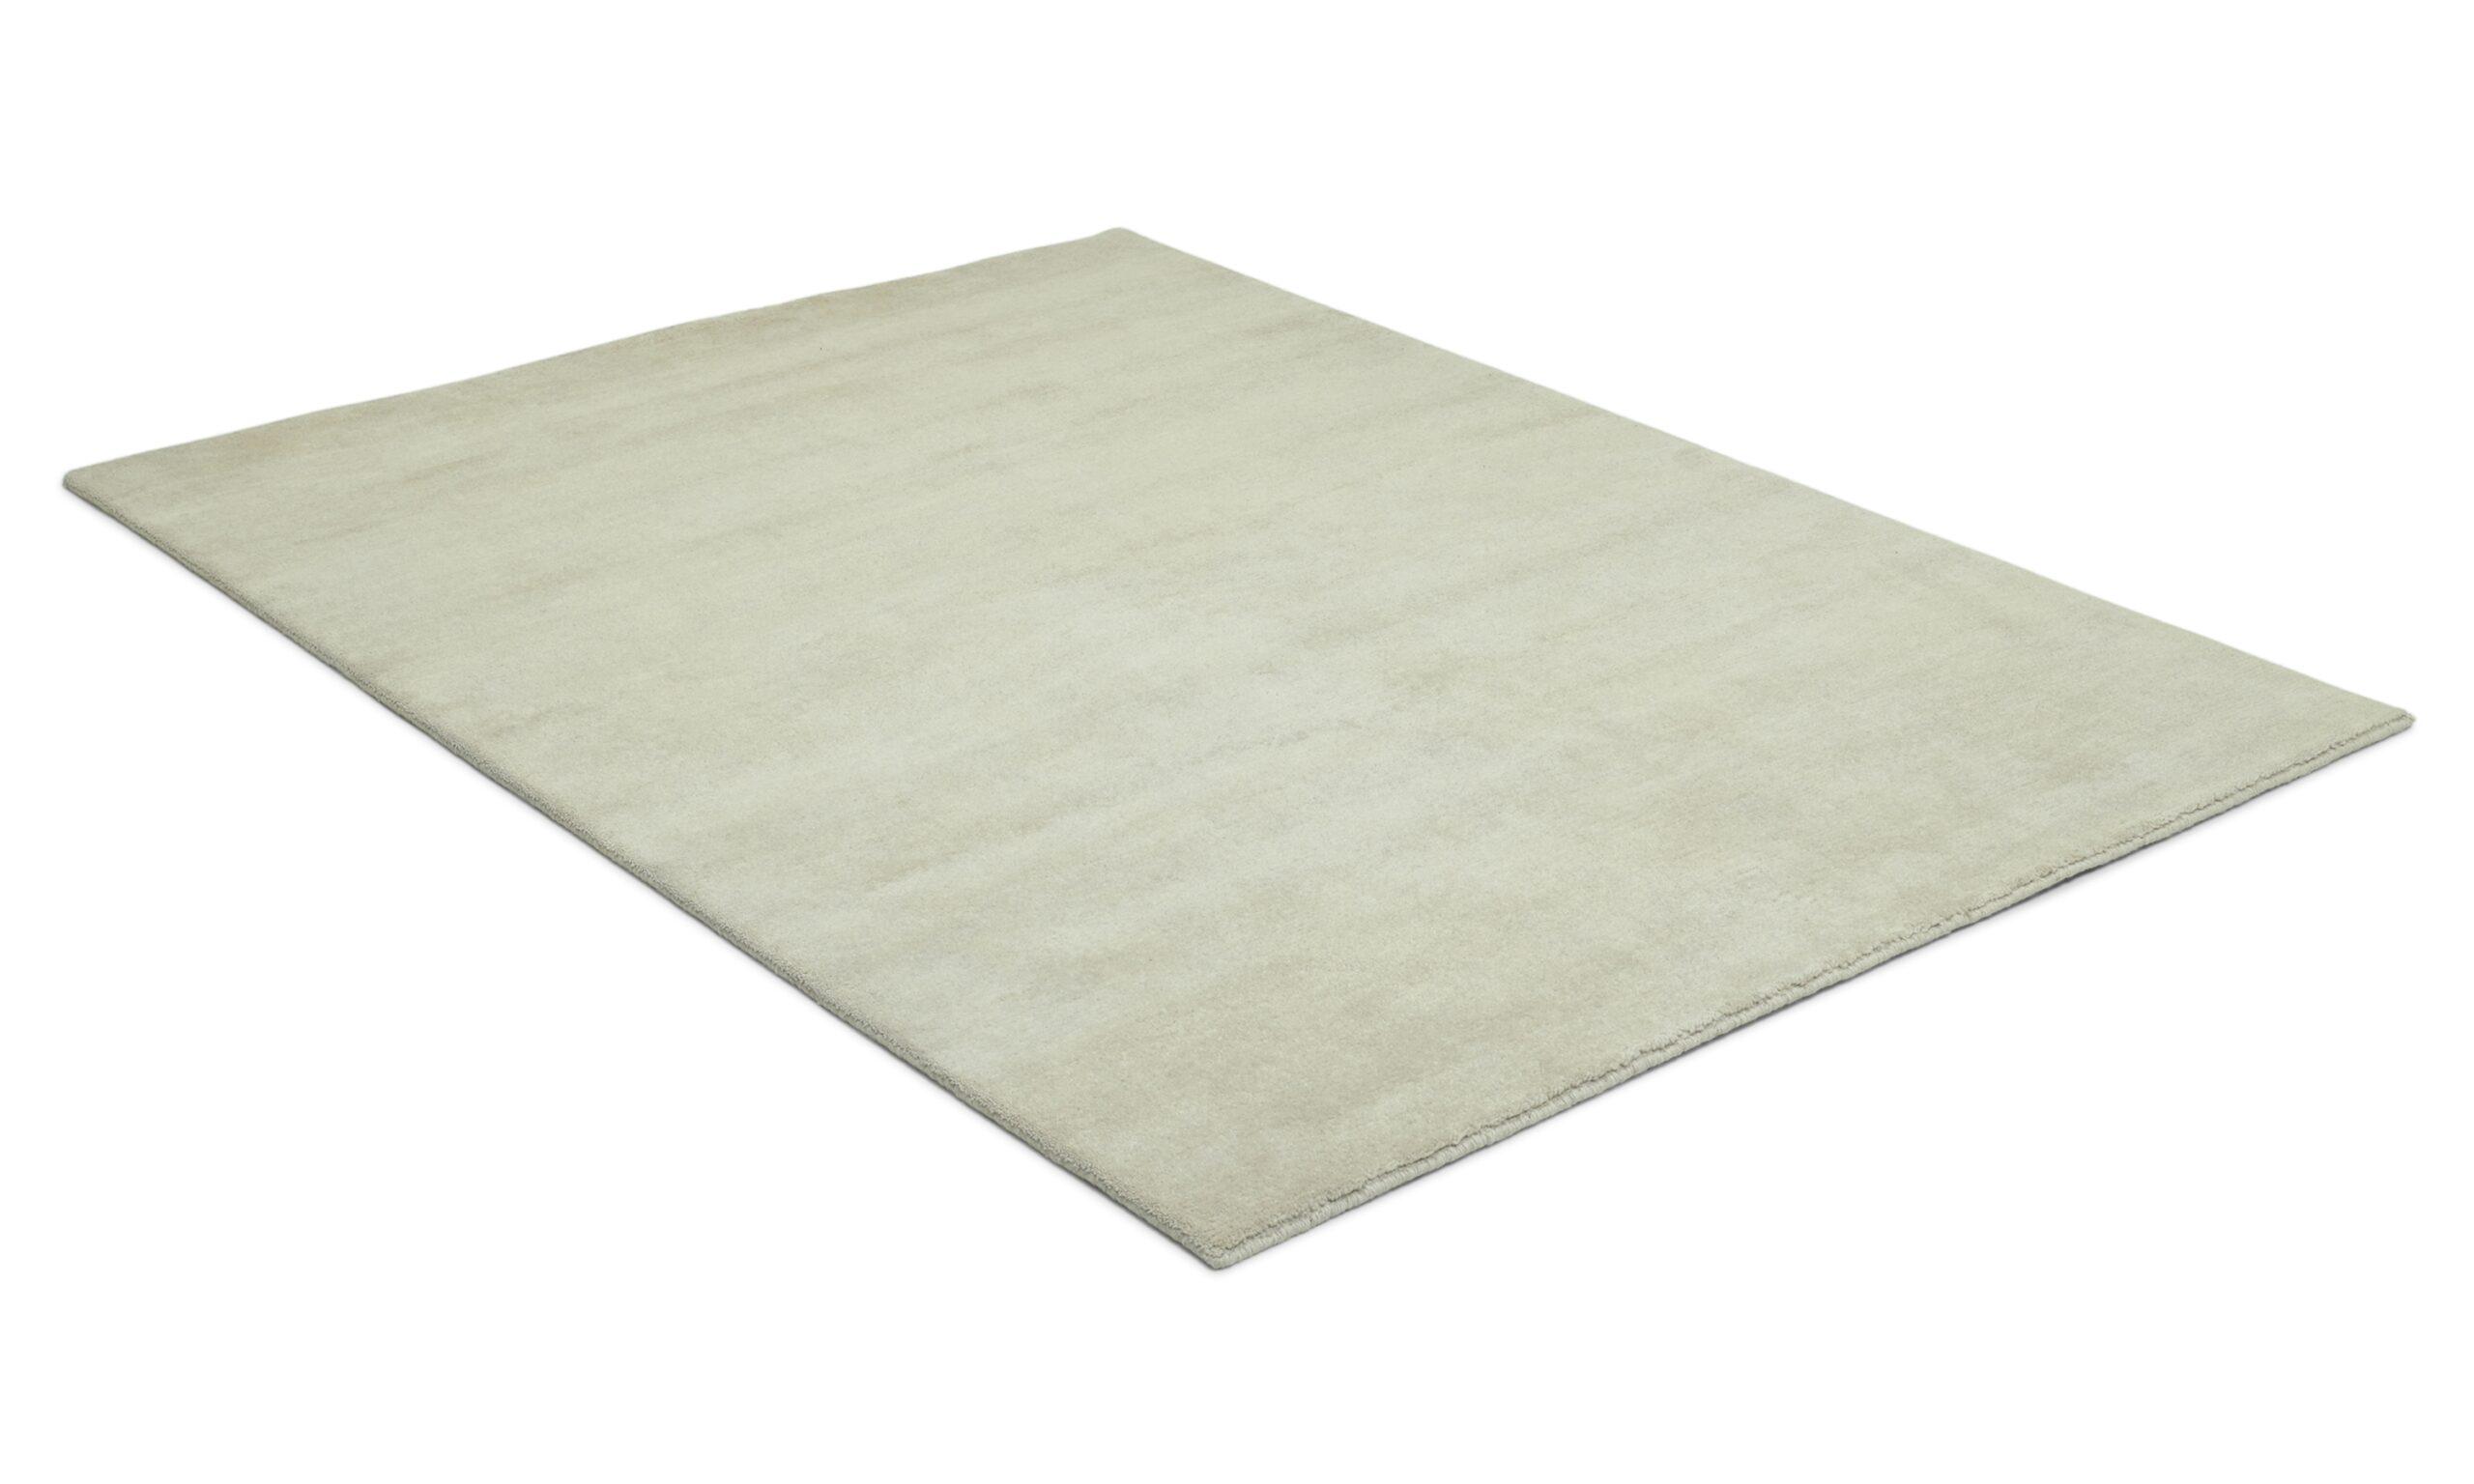 Aran offwhite - håndknyttet teppe